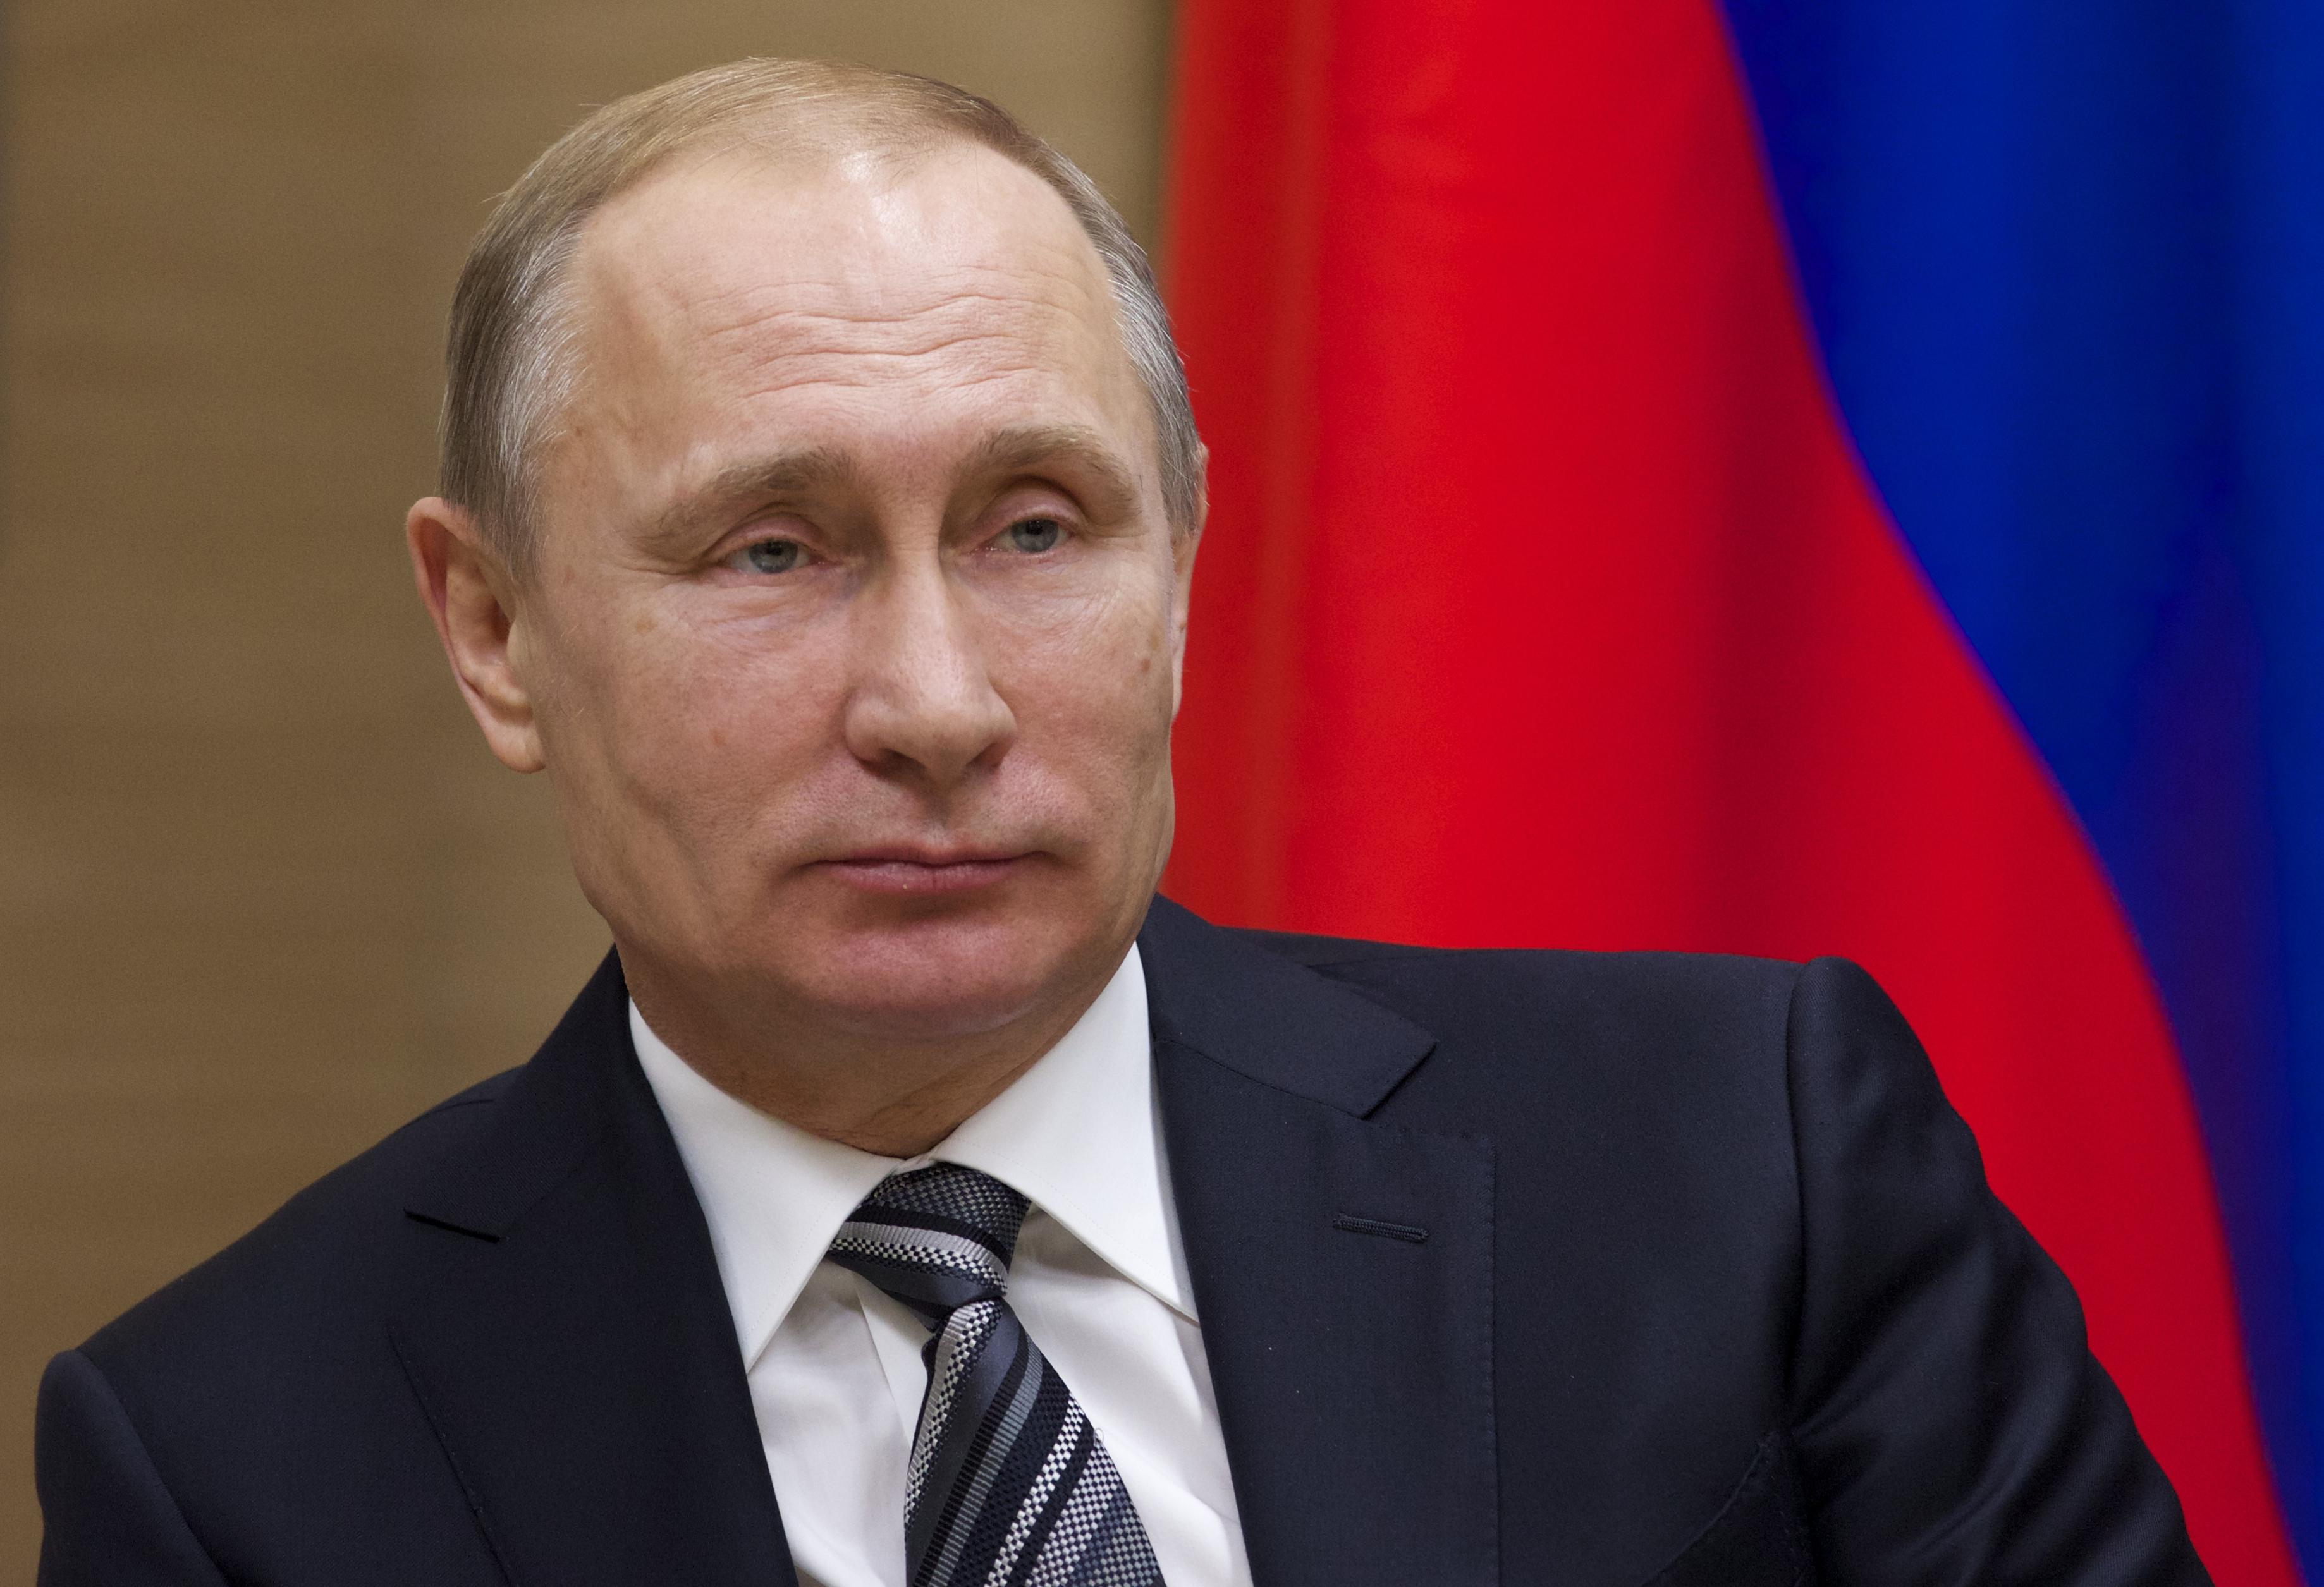 Vladimir Putin Classify Vladimir Putin